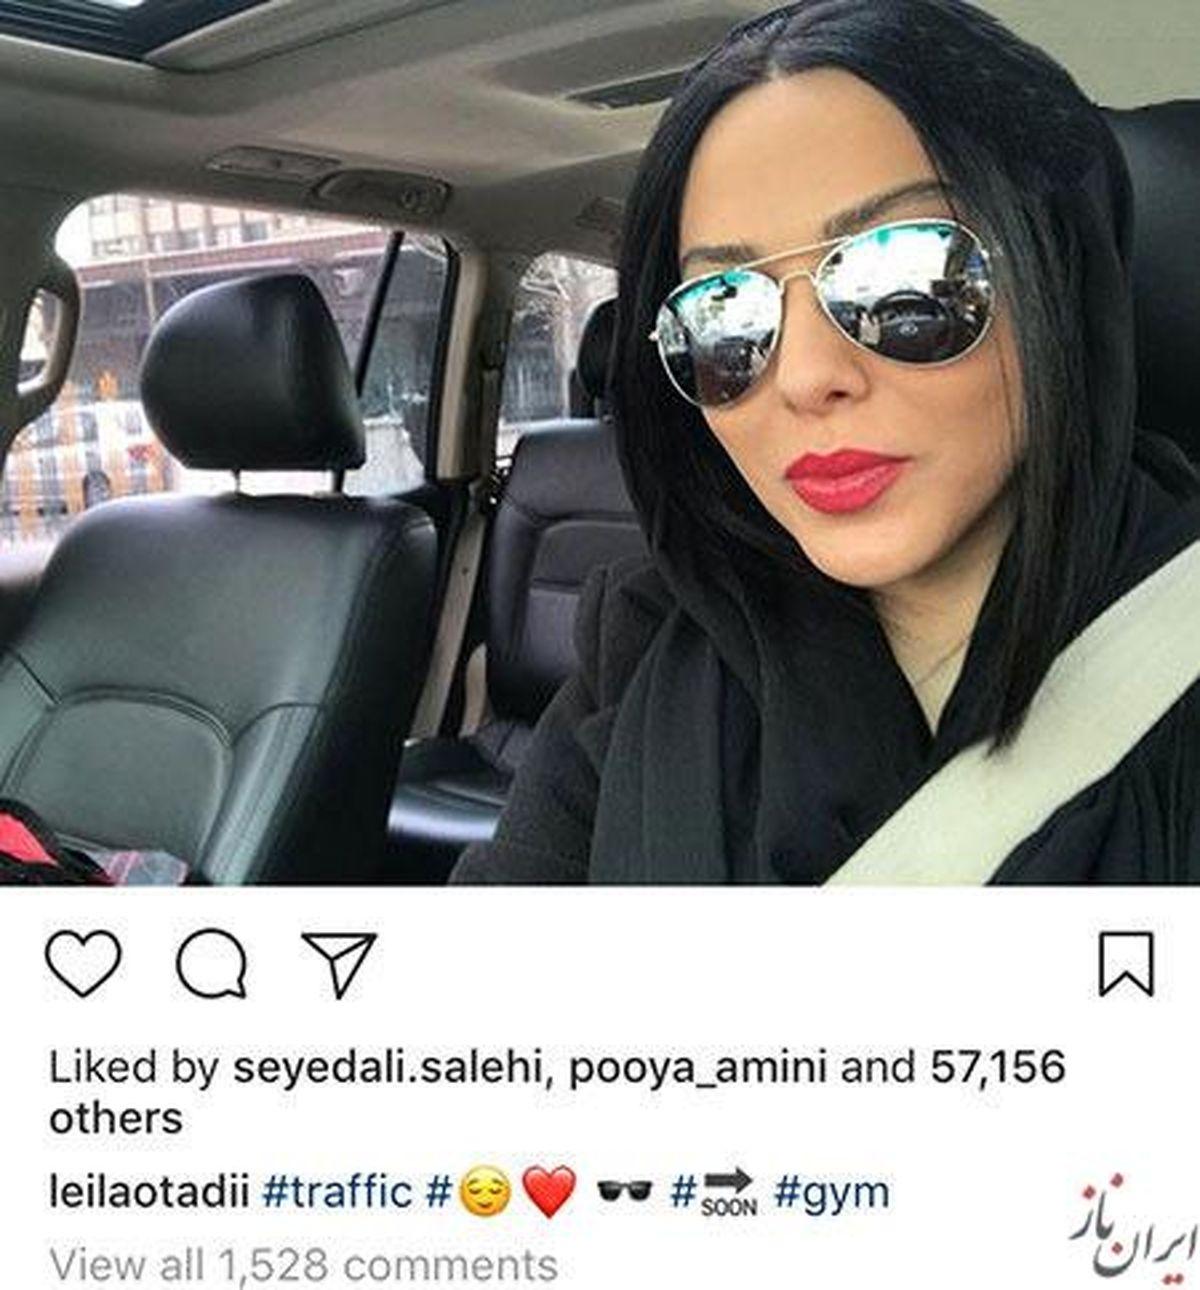 چهره فشن لیلا اوتادی در ماشینِ میلیاردی اش + عکس